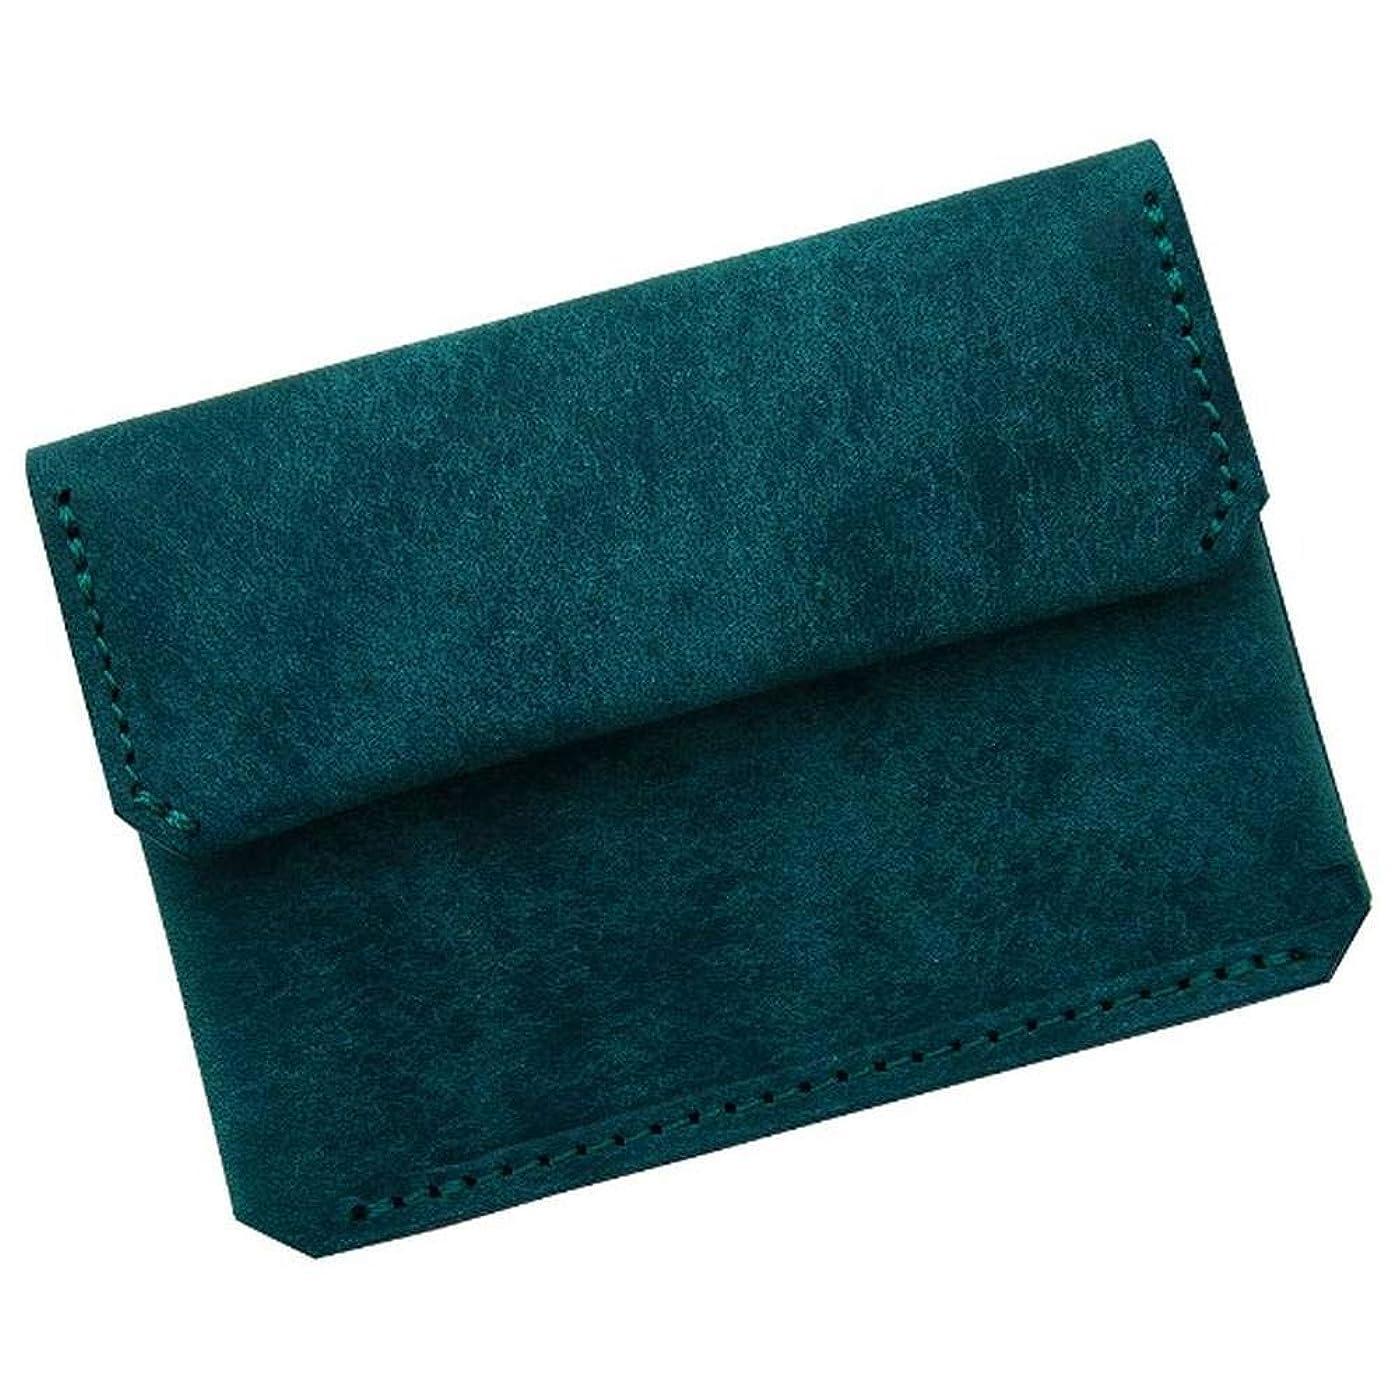 結婚辞書出くわすアジリティアッファ(AGILITY affa)『チェストウォレット』財布 極小財布 コンパクト ウォレット 牛革 カードケース 小さい